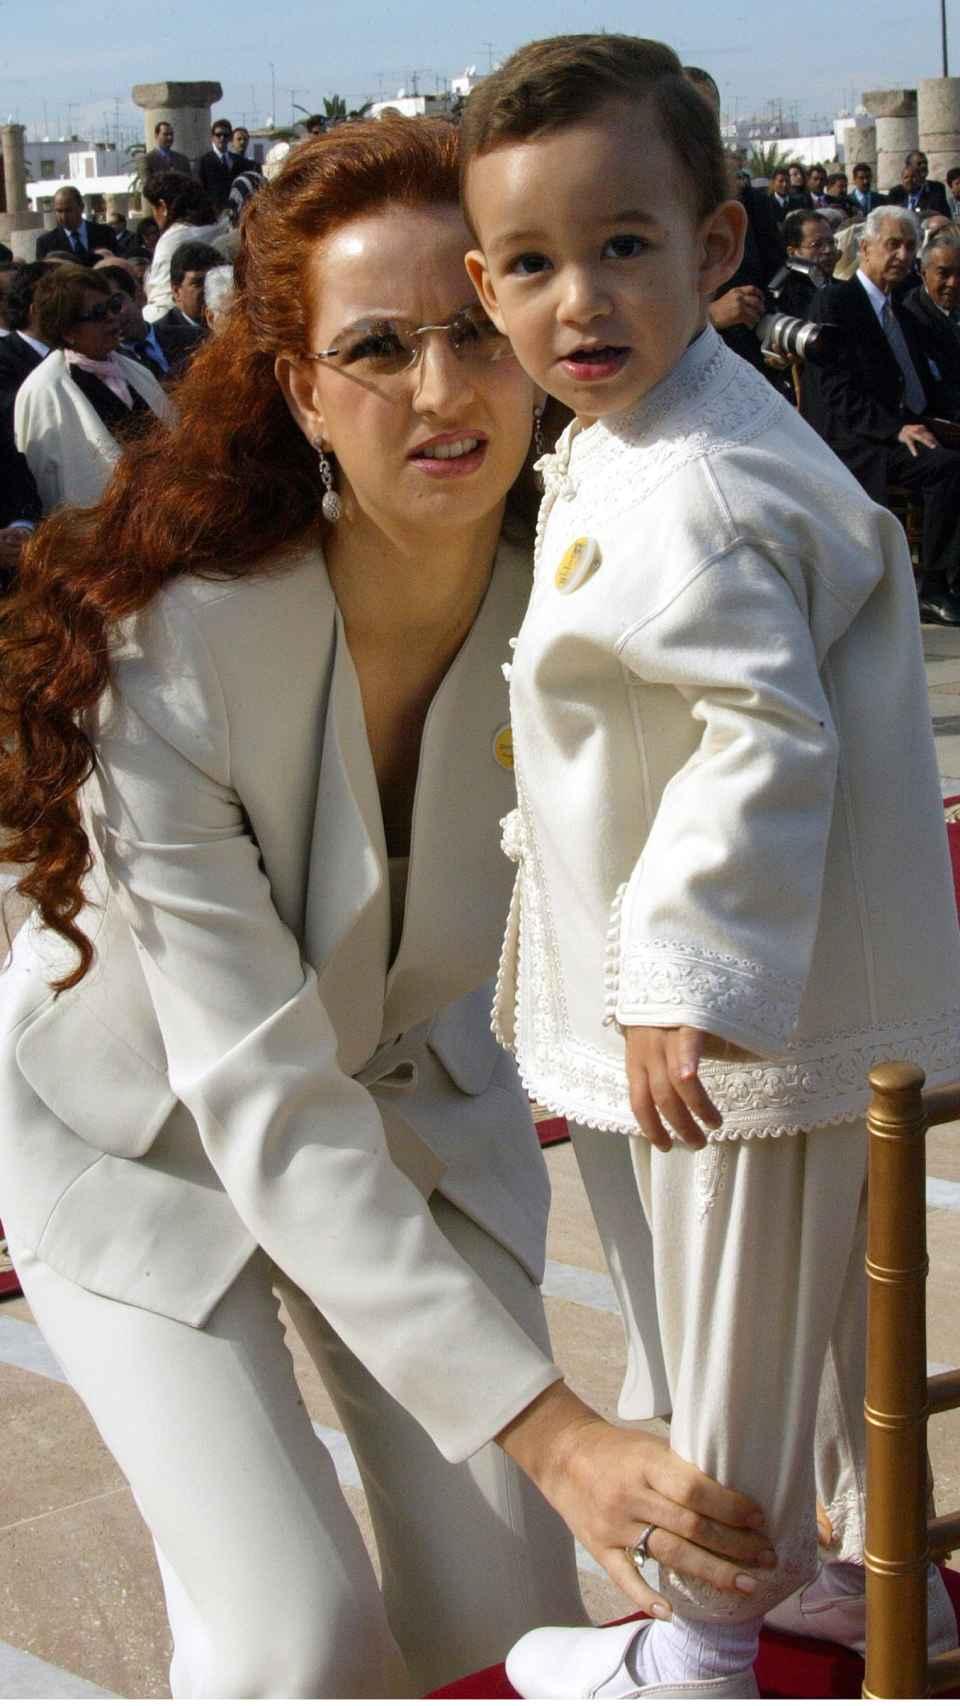 La princesa Lalla Salma arregla el atuendo de su hijo, el heredero Moulay Hassan.